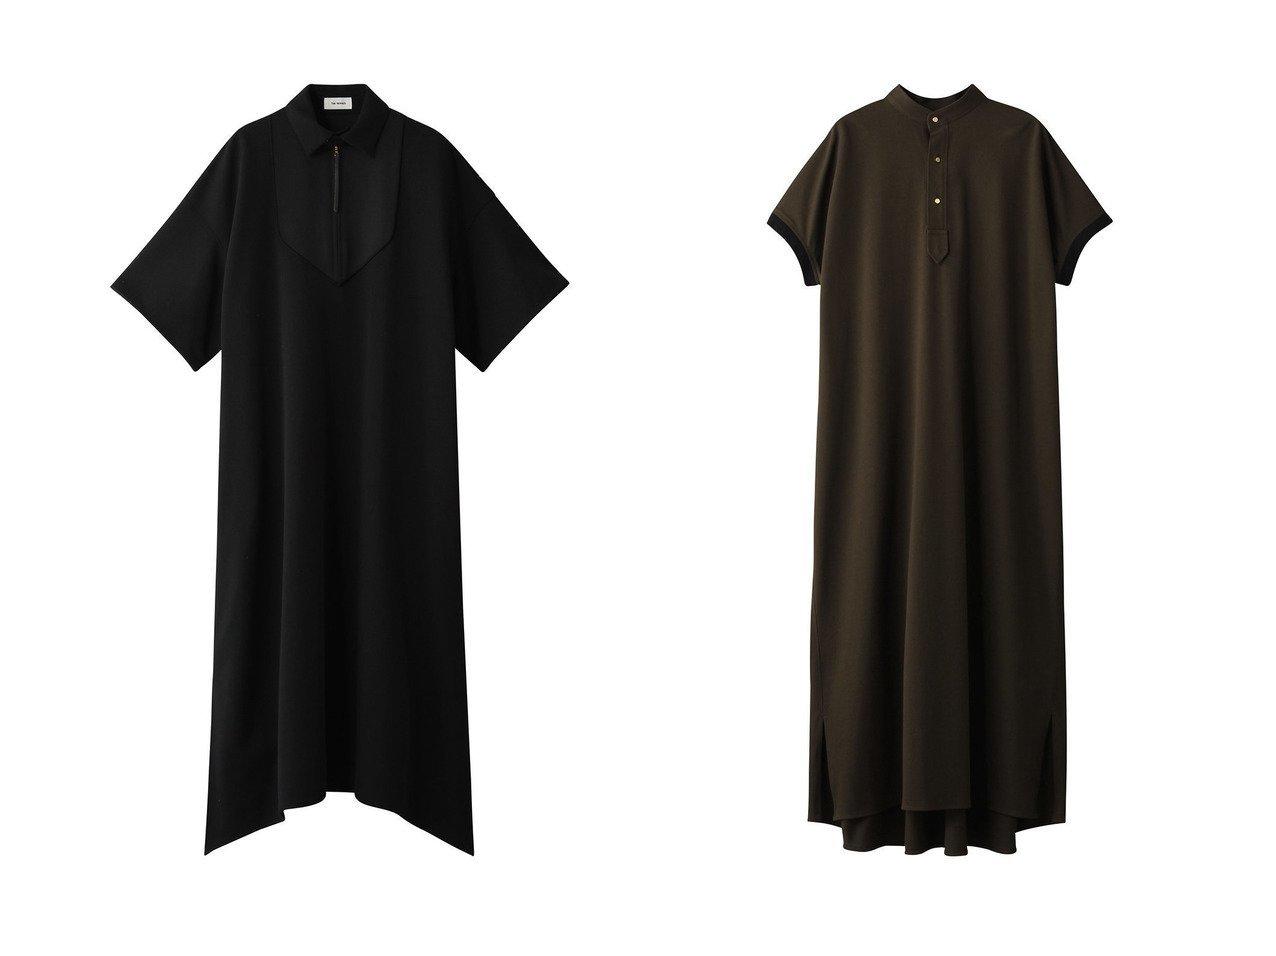 【THE RERACS/ザ リラクス】のウィズカラービブドレス&バンドカラーロングポロシャツ ワンピース・ドレスのおすすめ!人気、トレンド・レディースファッションの通販 おすすめで人気の流行・トレンド、ファッションの通販商品 メンズファッション・キッズファッション・インテリア・家具・レディースファッション・服の通販 founy(ファニー) https://founy.com/ ファッション Fashion レディースファッション WOMEN ワンピース Dress ドレス Party Dresses 2021年 2021 2021 春夏 S/S SS Spring/Summer 2021 S/S 春夏 SS Spring/Summer イレギュラー スリット ロング 春 Spring |ID:crp329100000015048